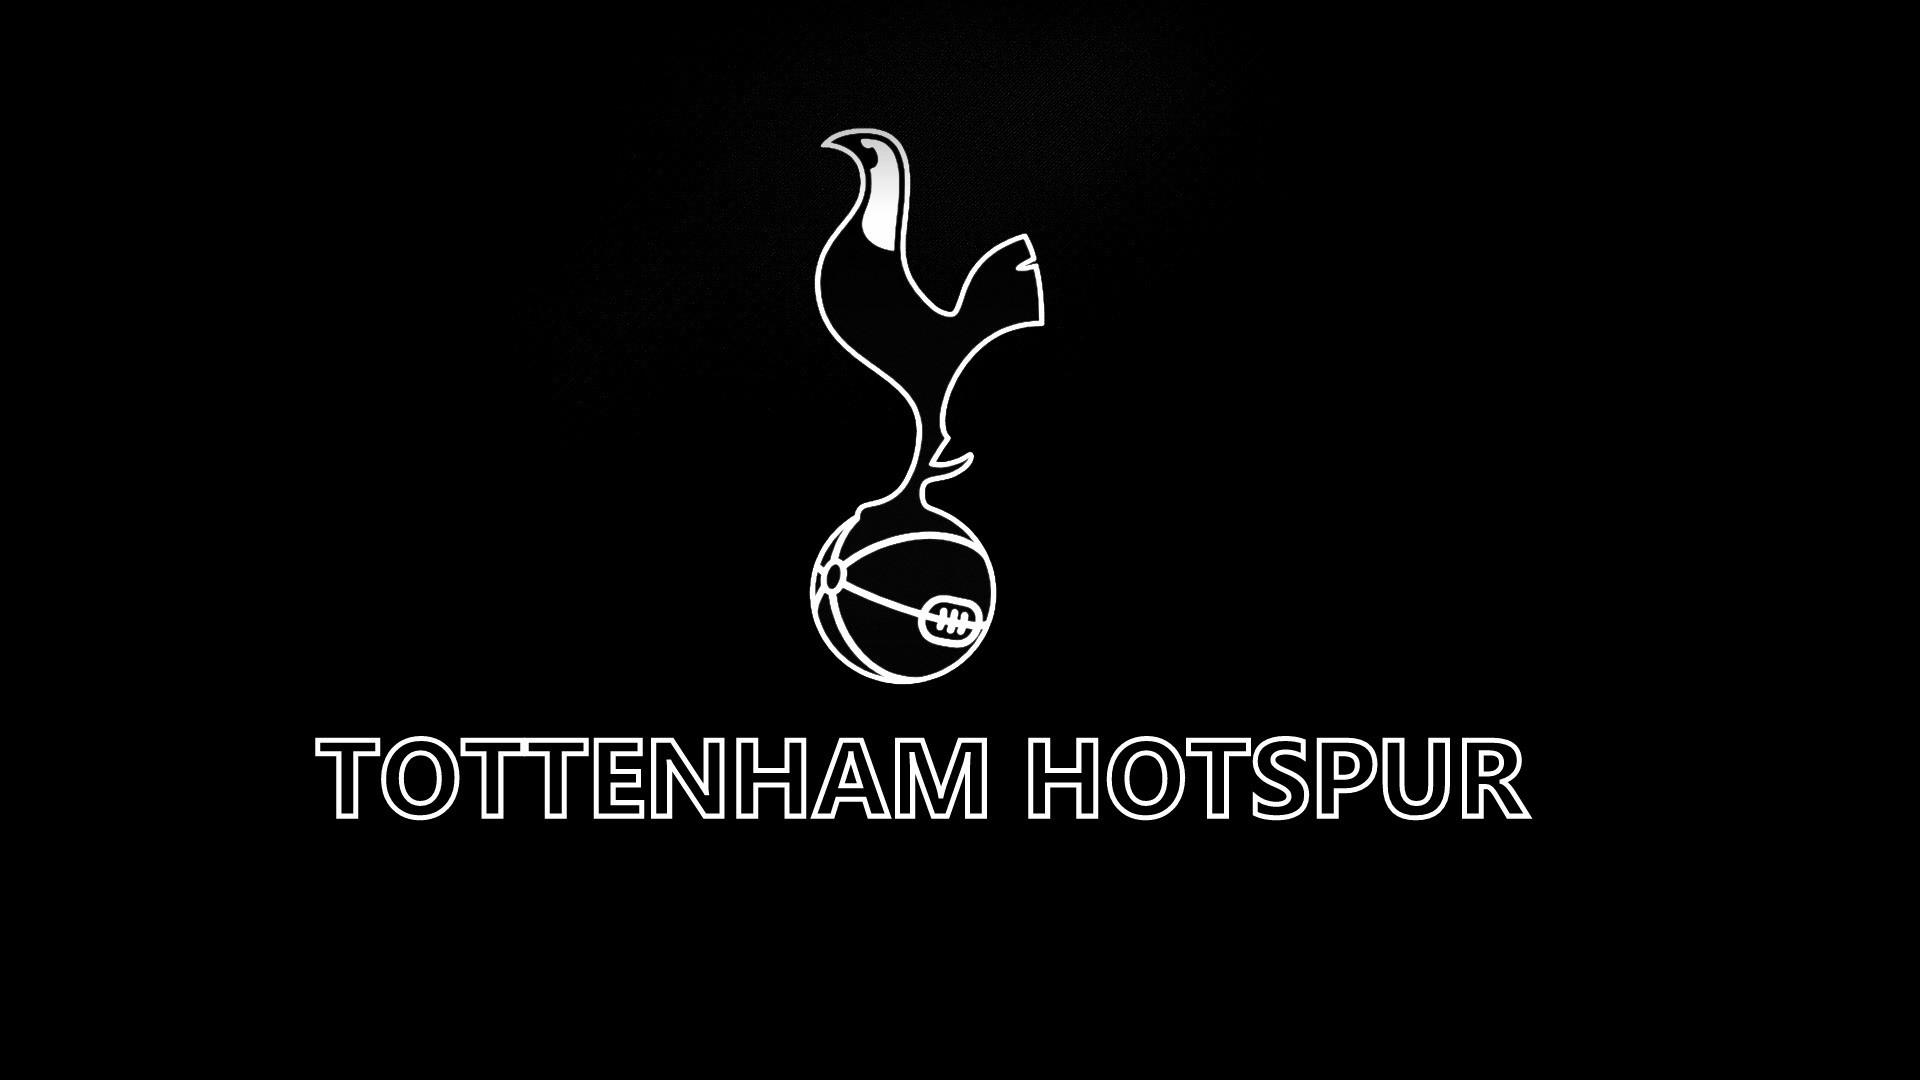 Tottenham Hotspur Wallpaper for Kindle